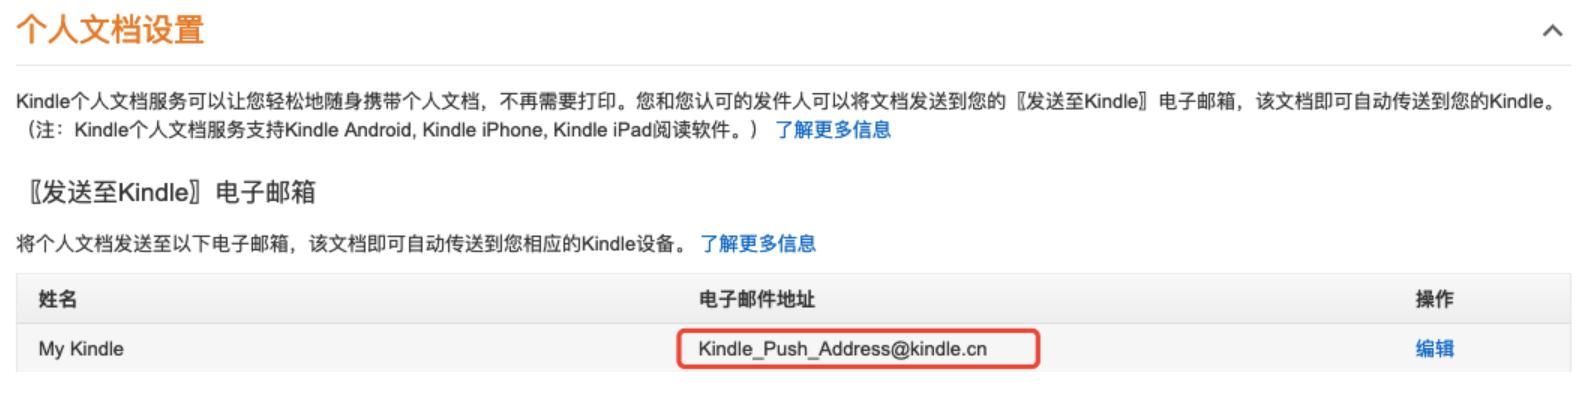 【安卓/IOS/Kindle】如何不花一分钱看上万部漫画 9